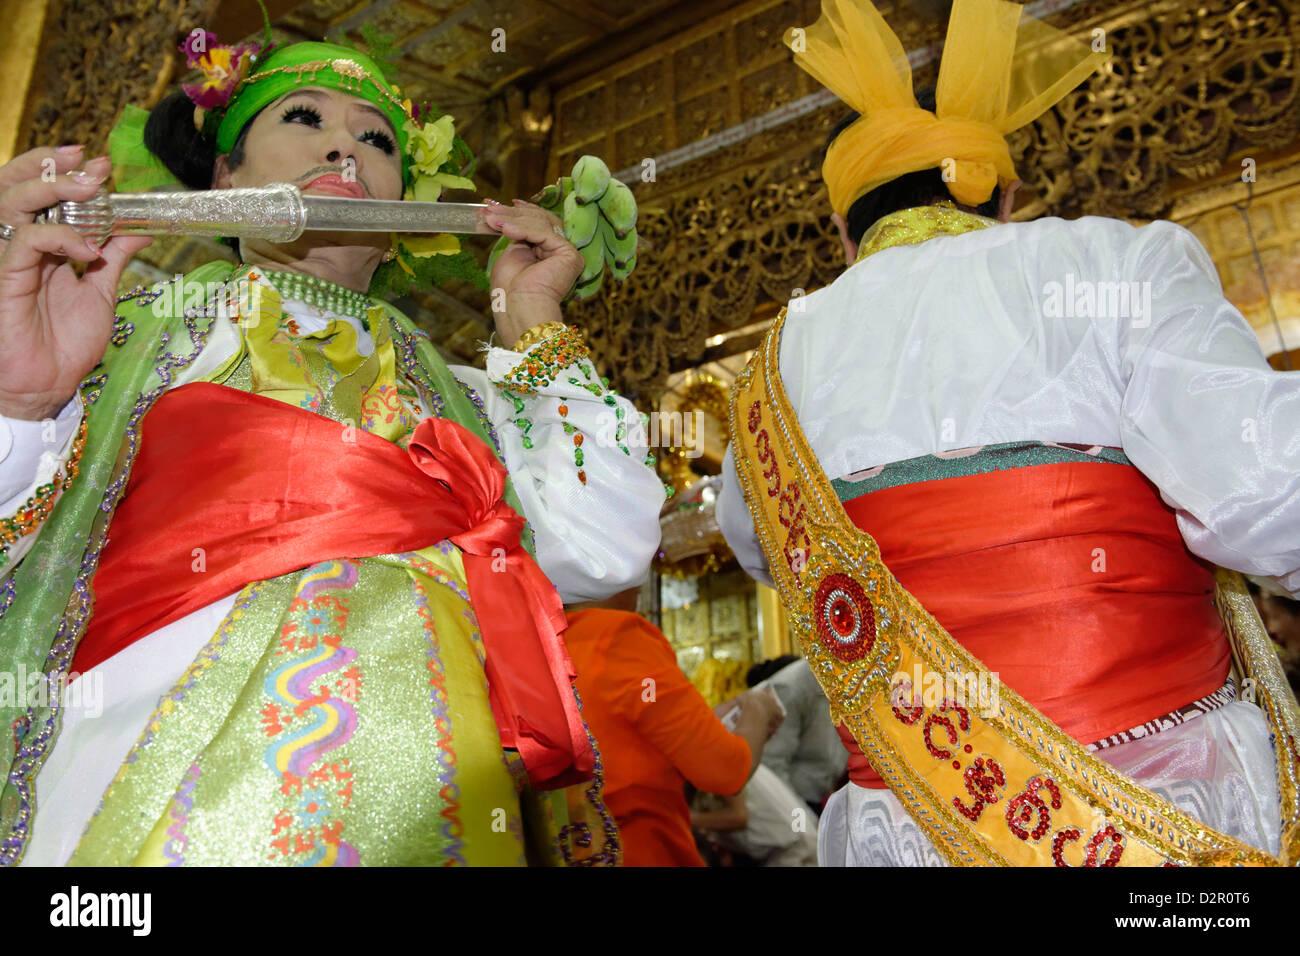 Le plus grand festival de Nat rituel (Spiritueux) tenue à Taungbyon, Mandalay Division, Myanmar Banque D'Images